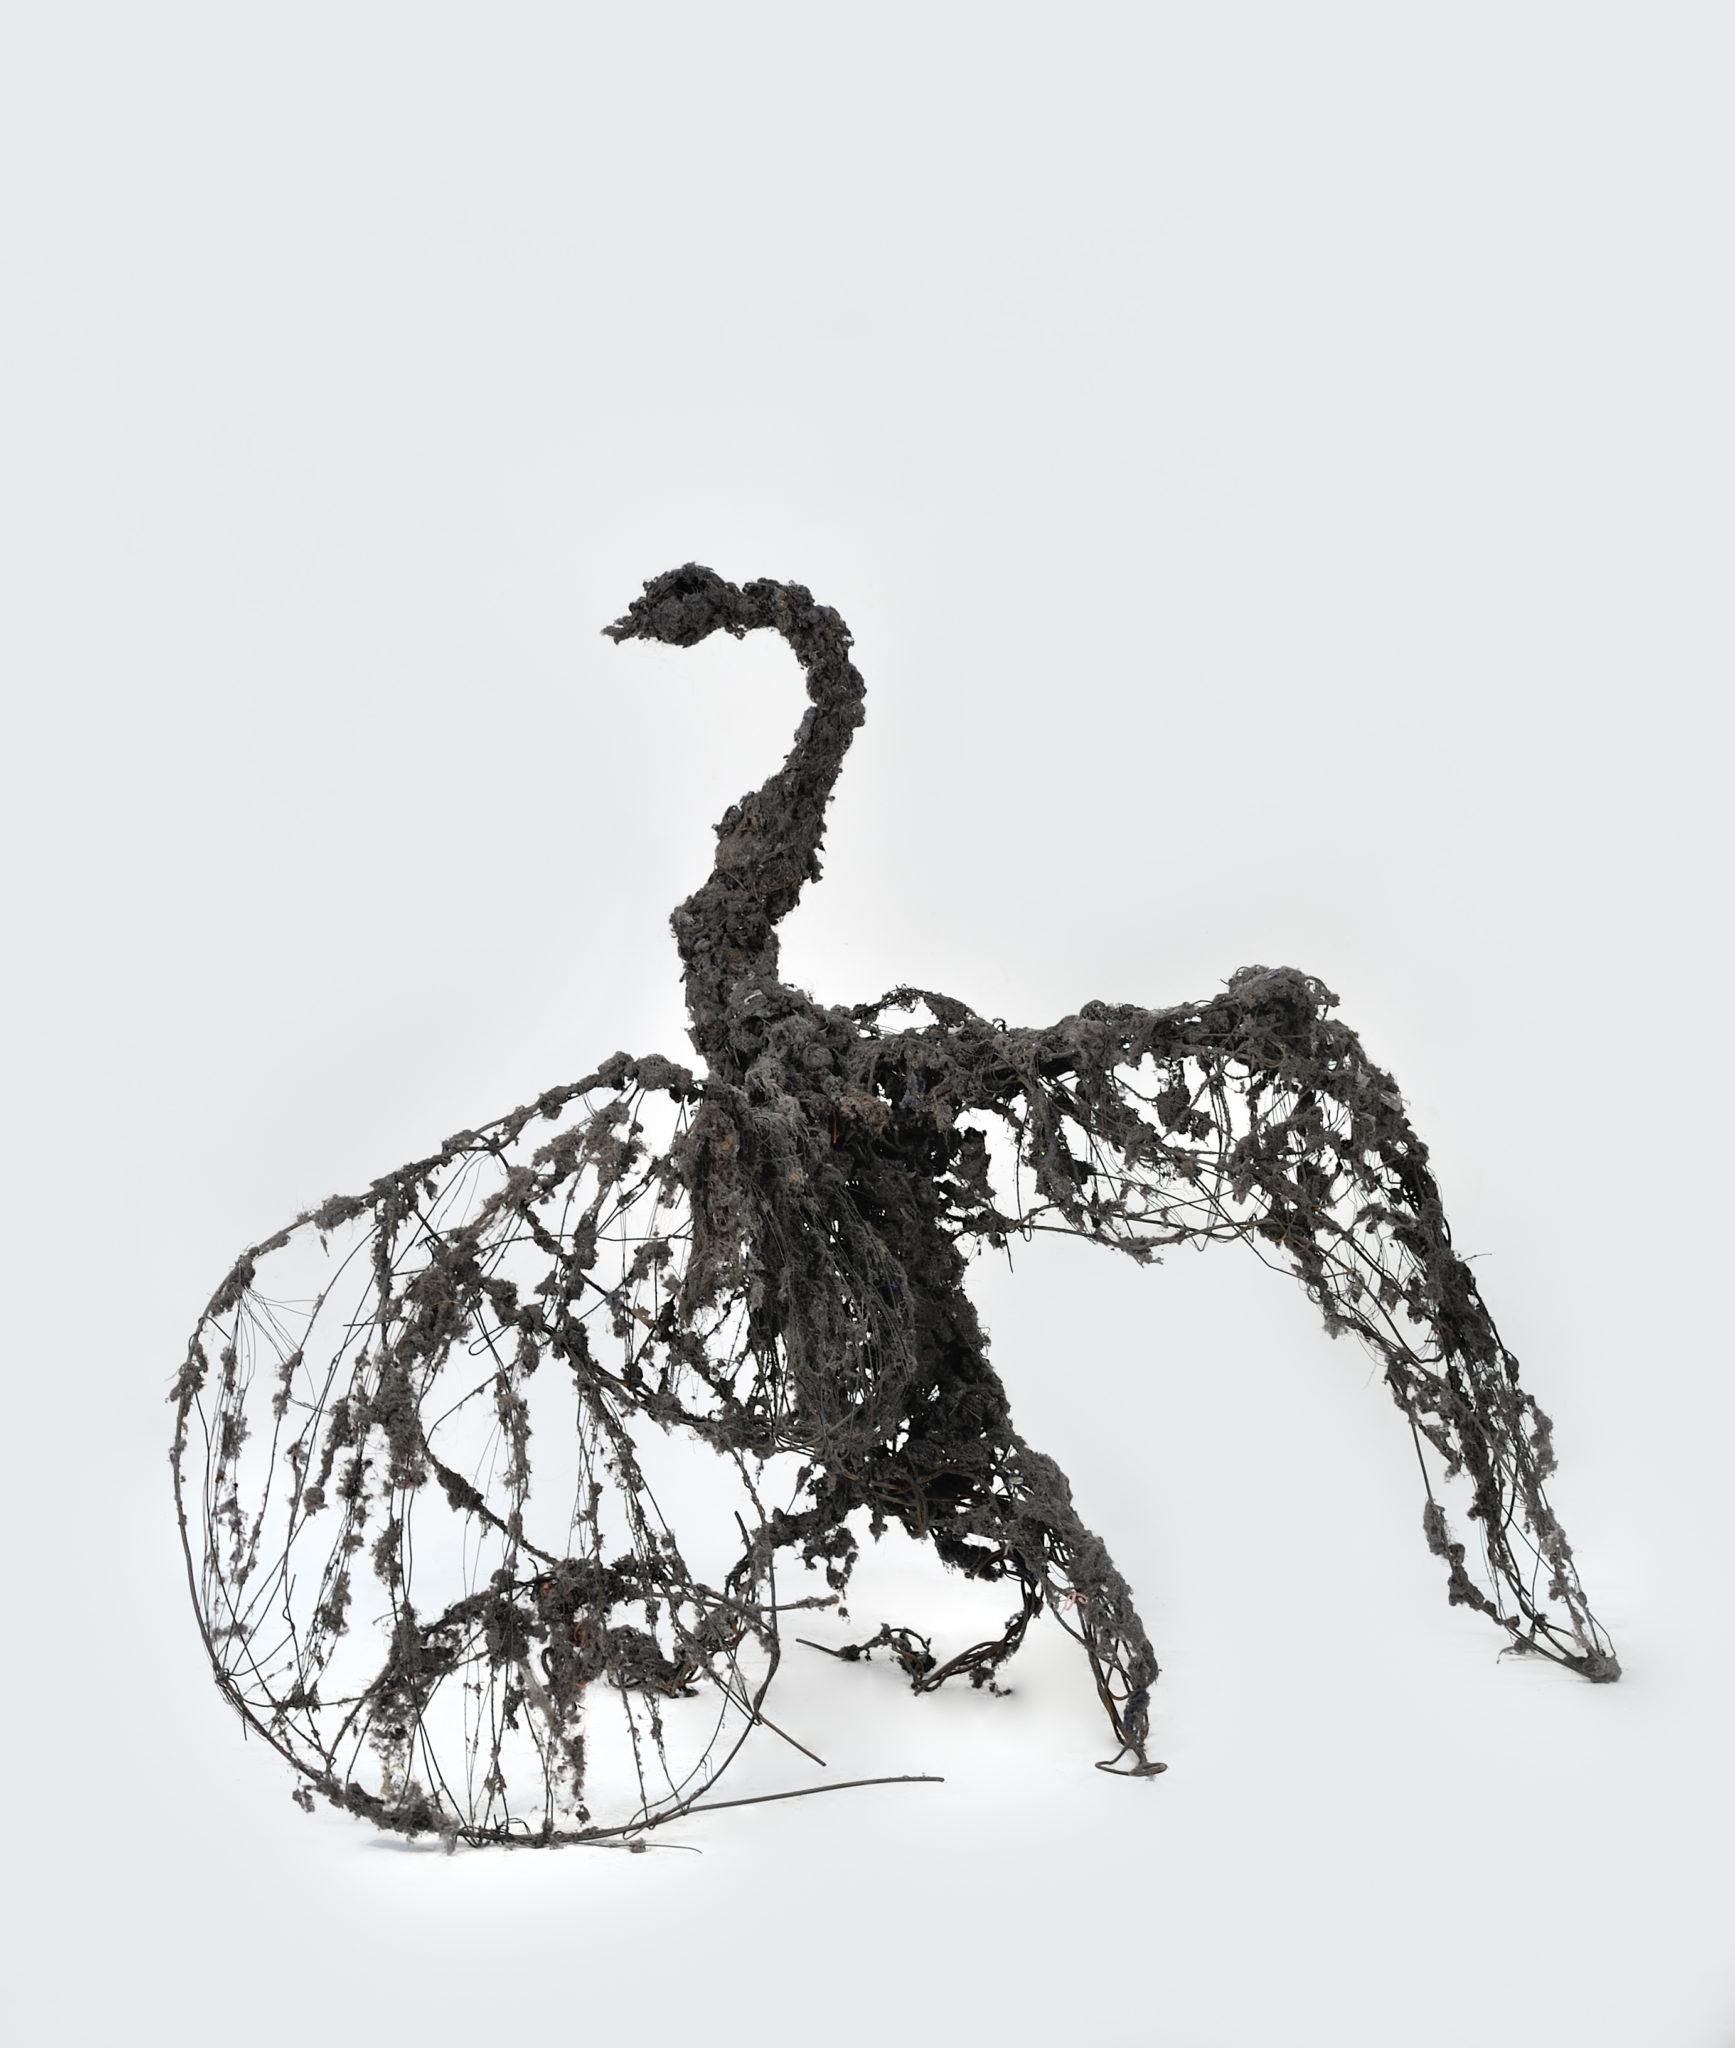 Art Paris Art Fair 2018, Lionel Sabatté, Cygne noir de janvier 2015_Lionel Sabatte_2015_poussiere sur structure metallique_142x175x140cm – copie